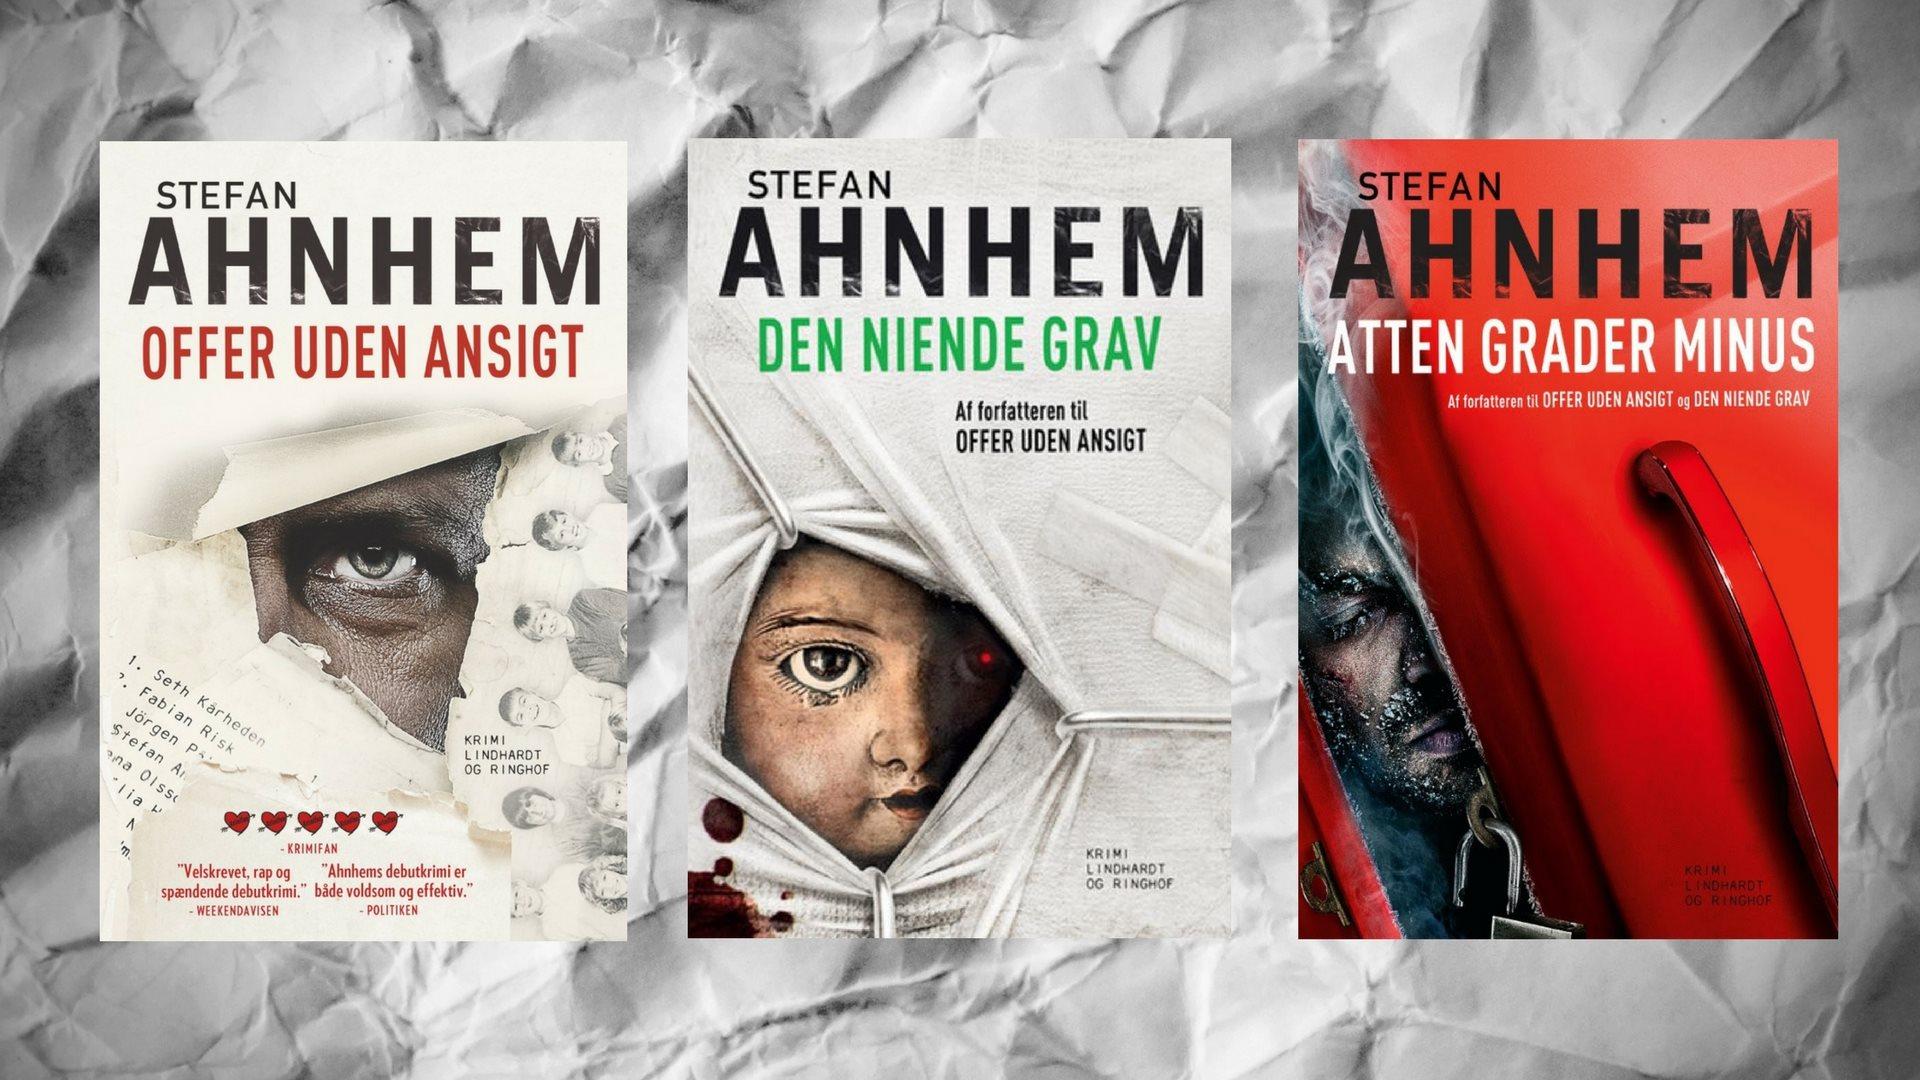 Stefan Ahnhem, krimi, krimiserie, svensk krimi, offer uden ansigt, den niende grav, atten grader minus, Fabian Risk